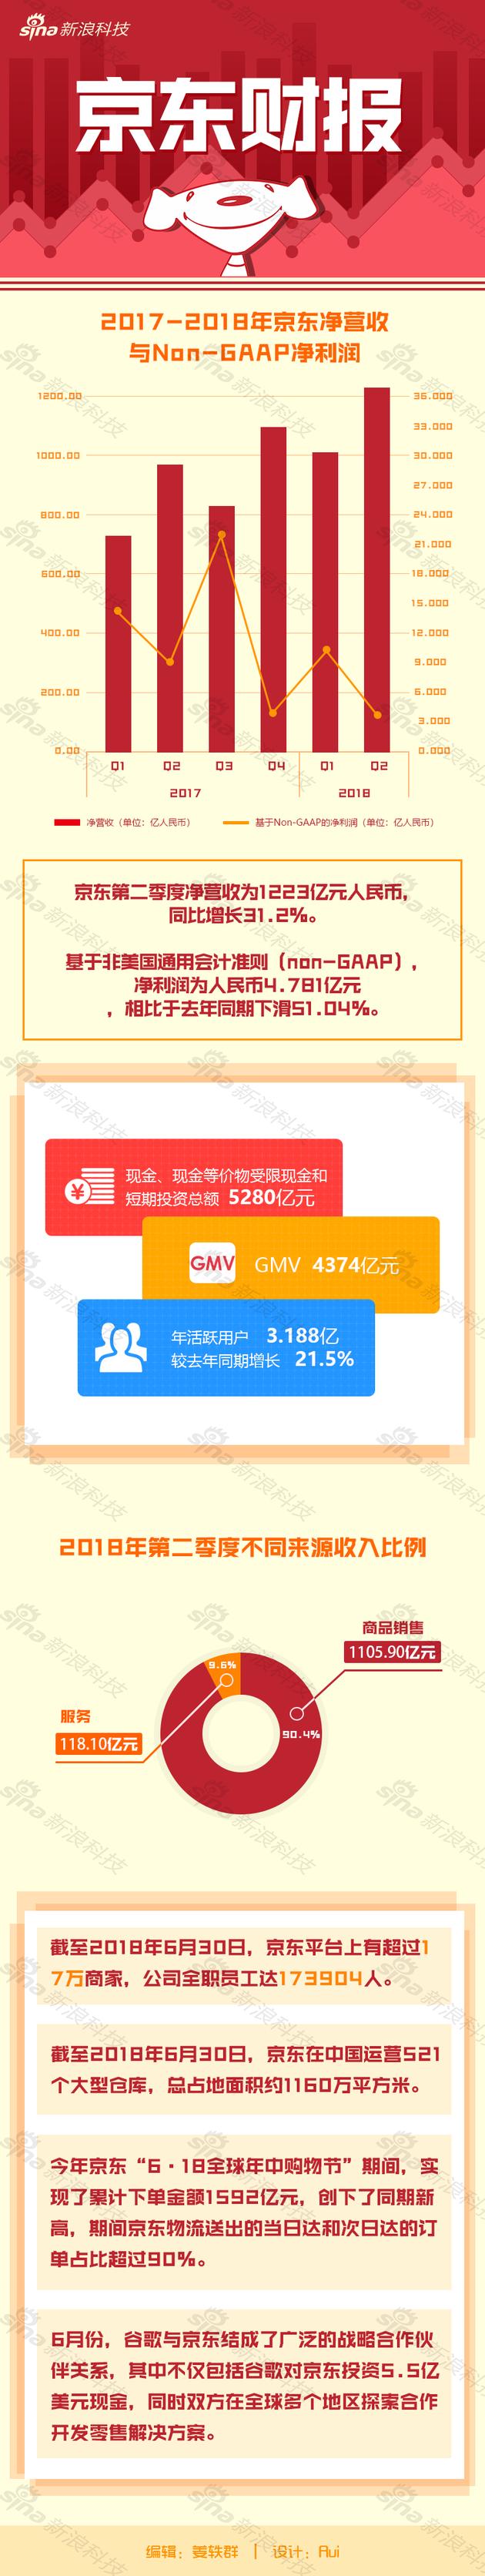 一图看懂京东财报:618下单1592亿